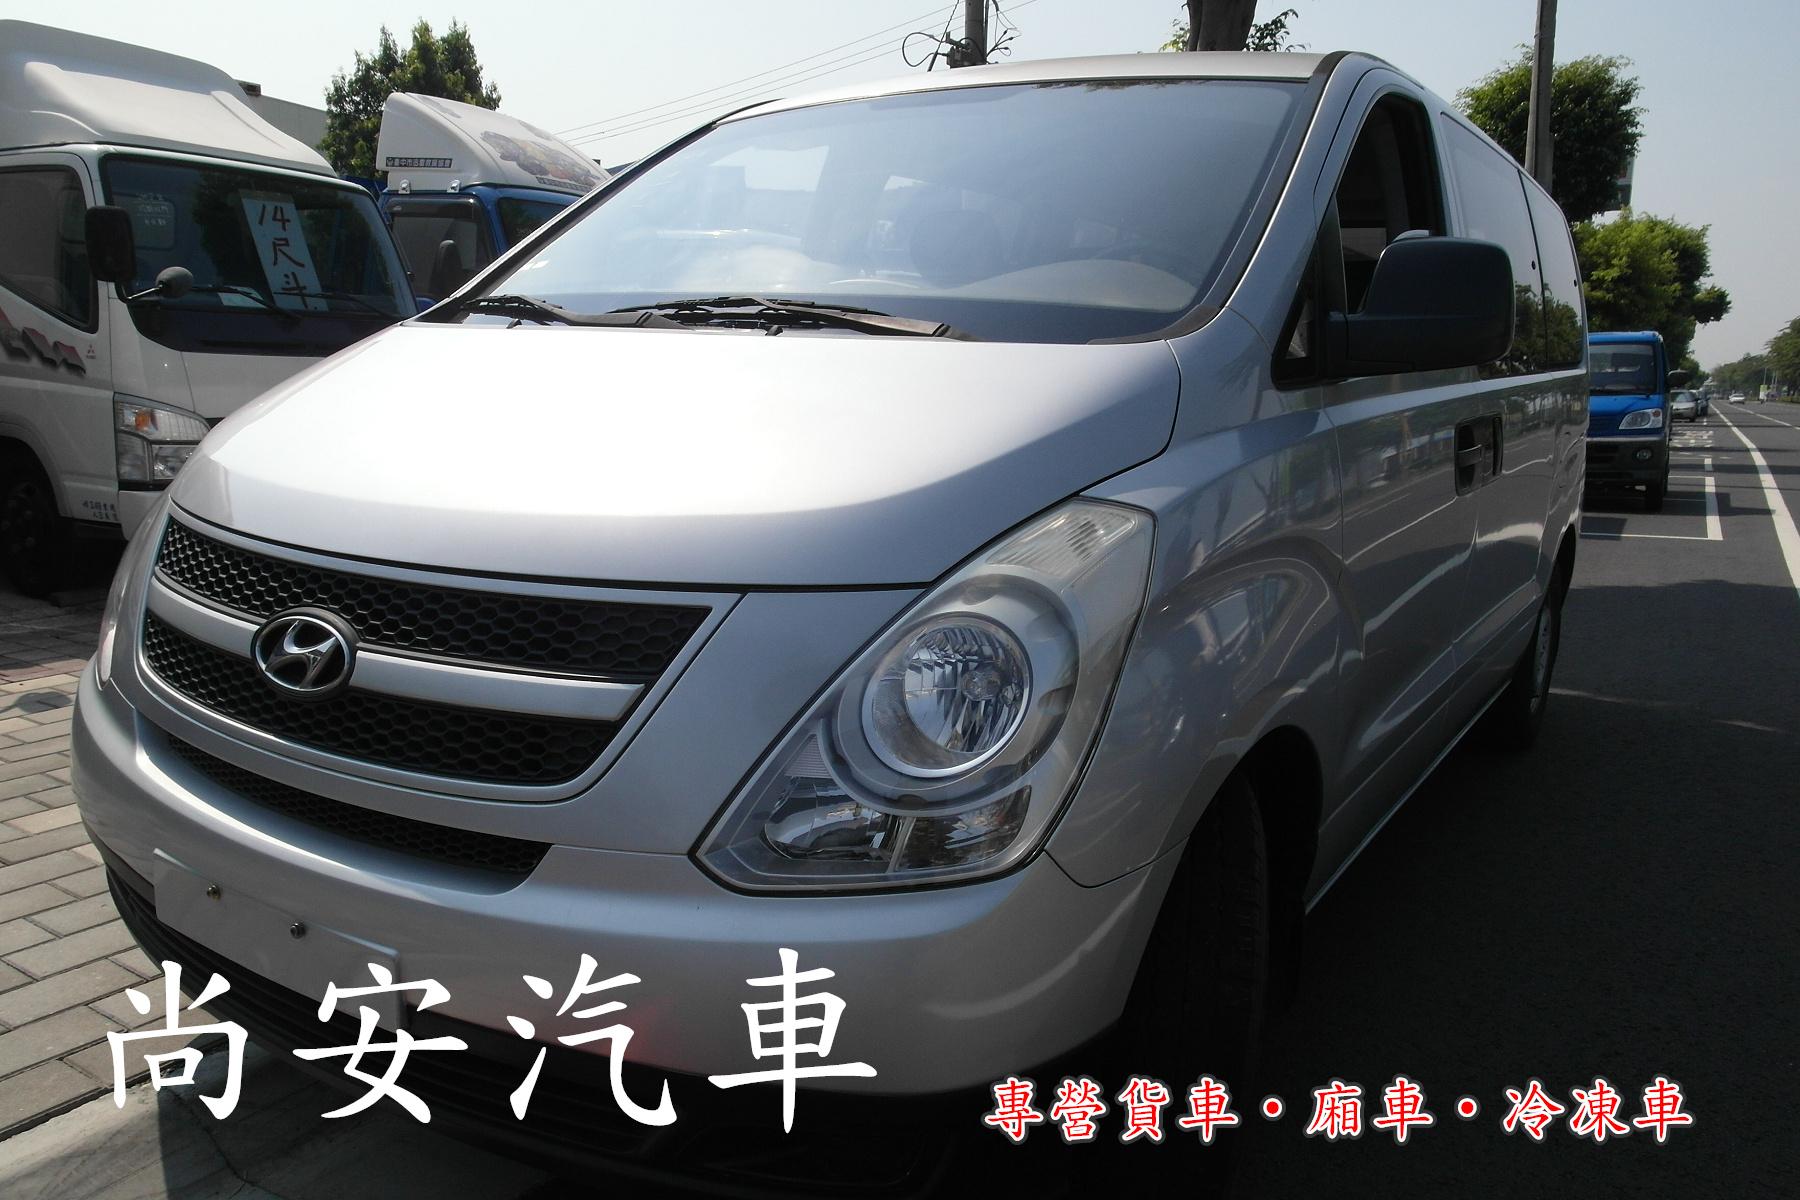 2009 Hyundai Grand starex